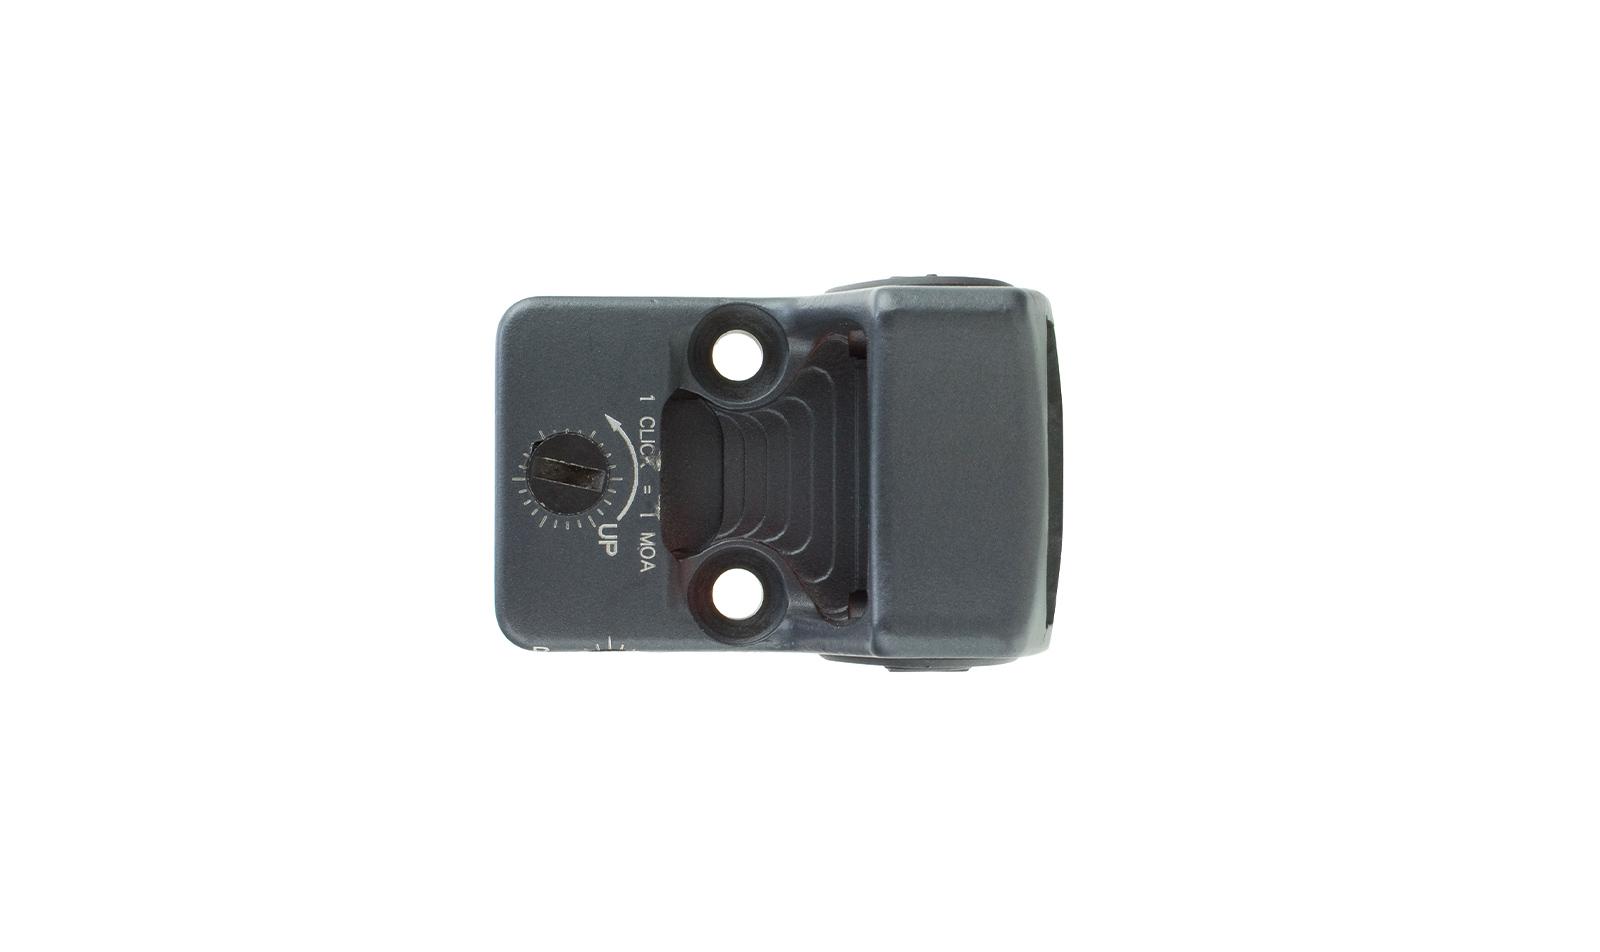 RM07-C-700715 angle 9